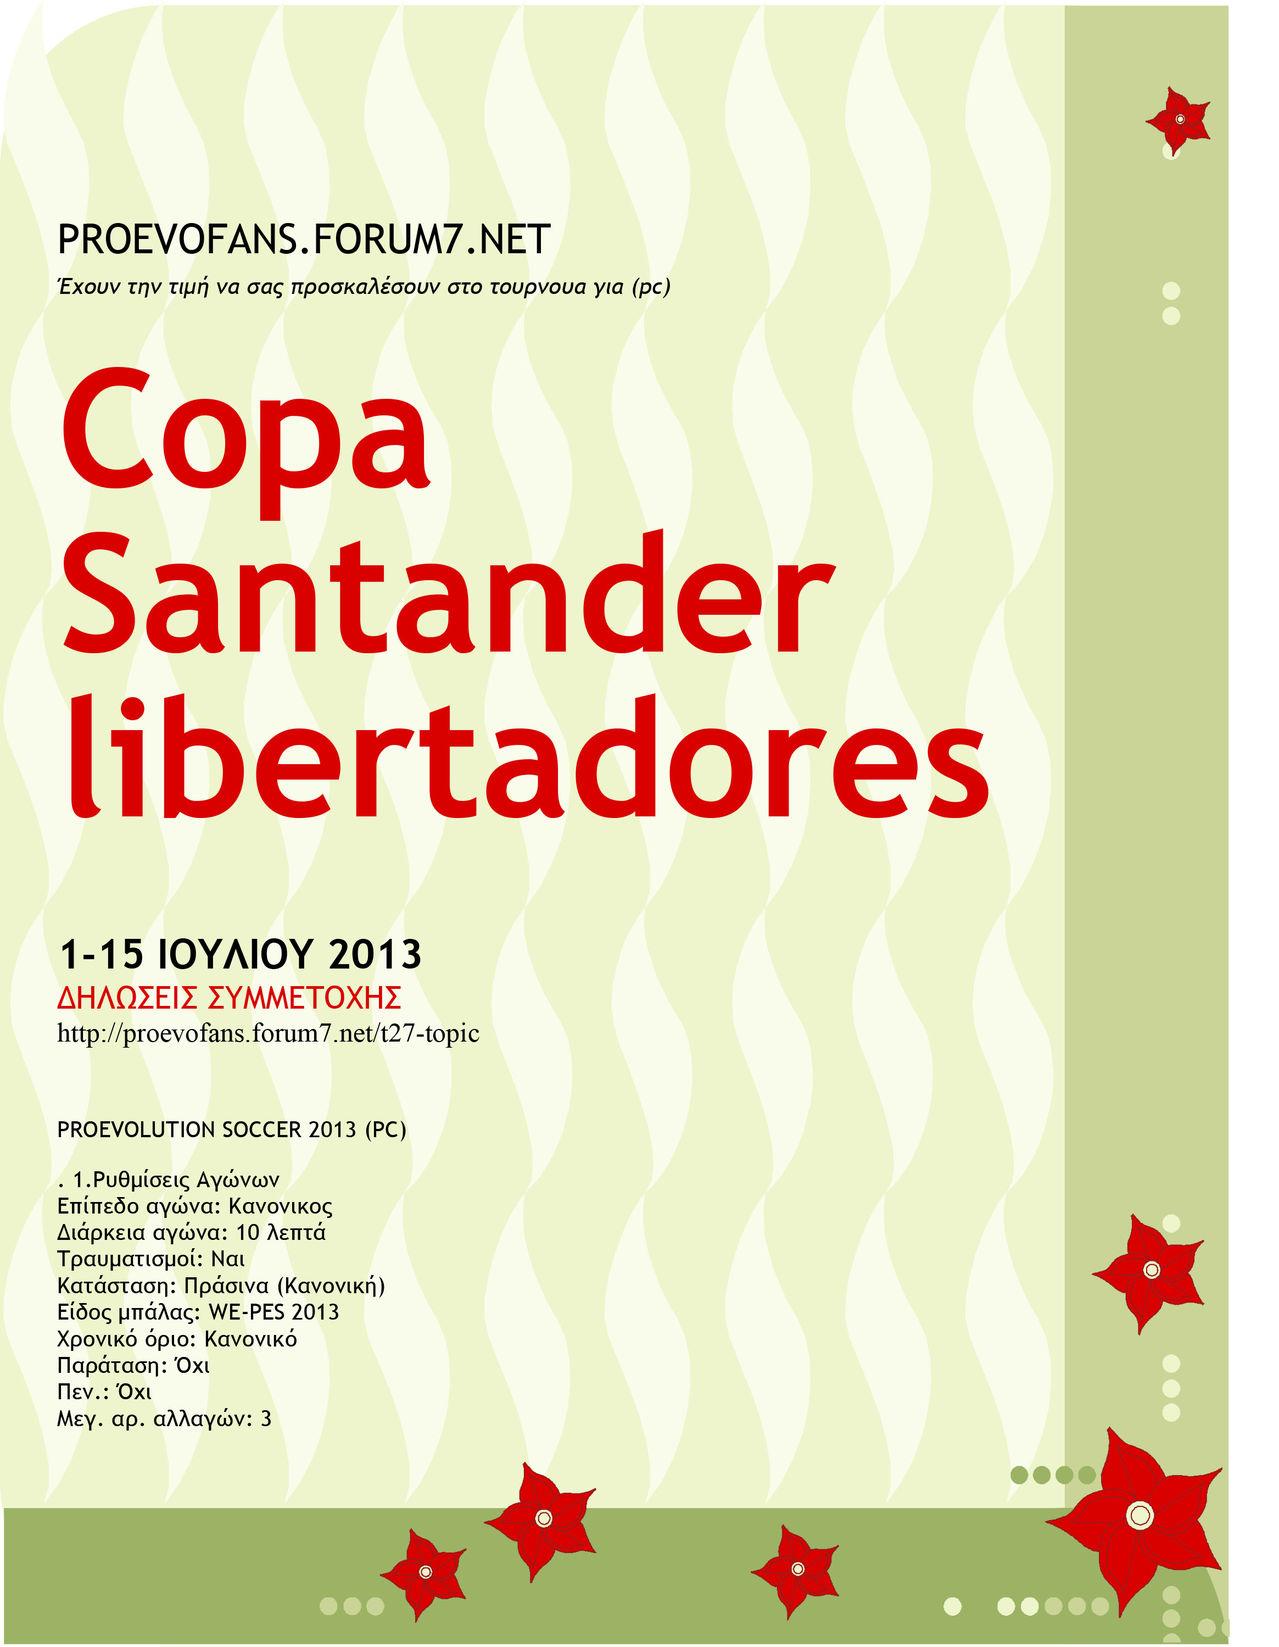 Copa Santander Libertadores -ΔΗΛΩΣΕΙΣ ΣΥΜΜΕΤΟΧΗΣ COPA_LIBERTADORES_2